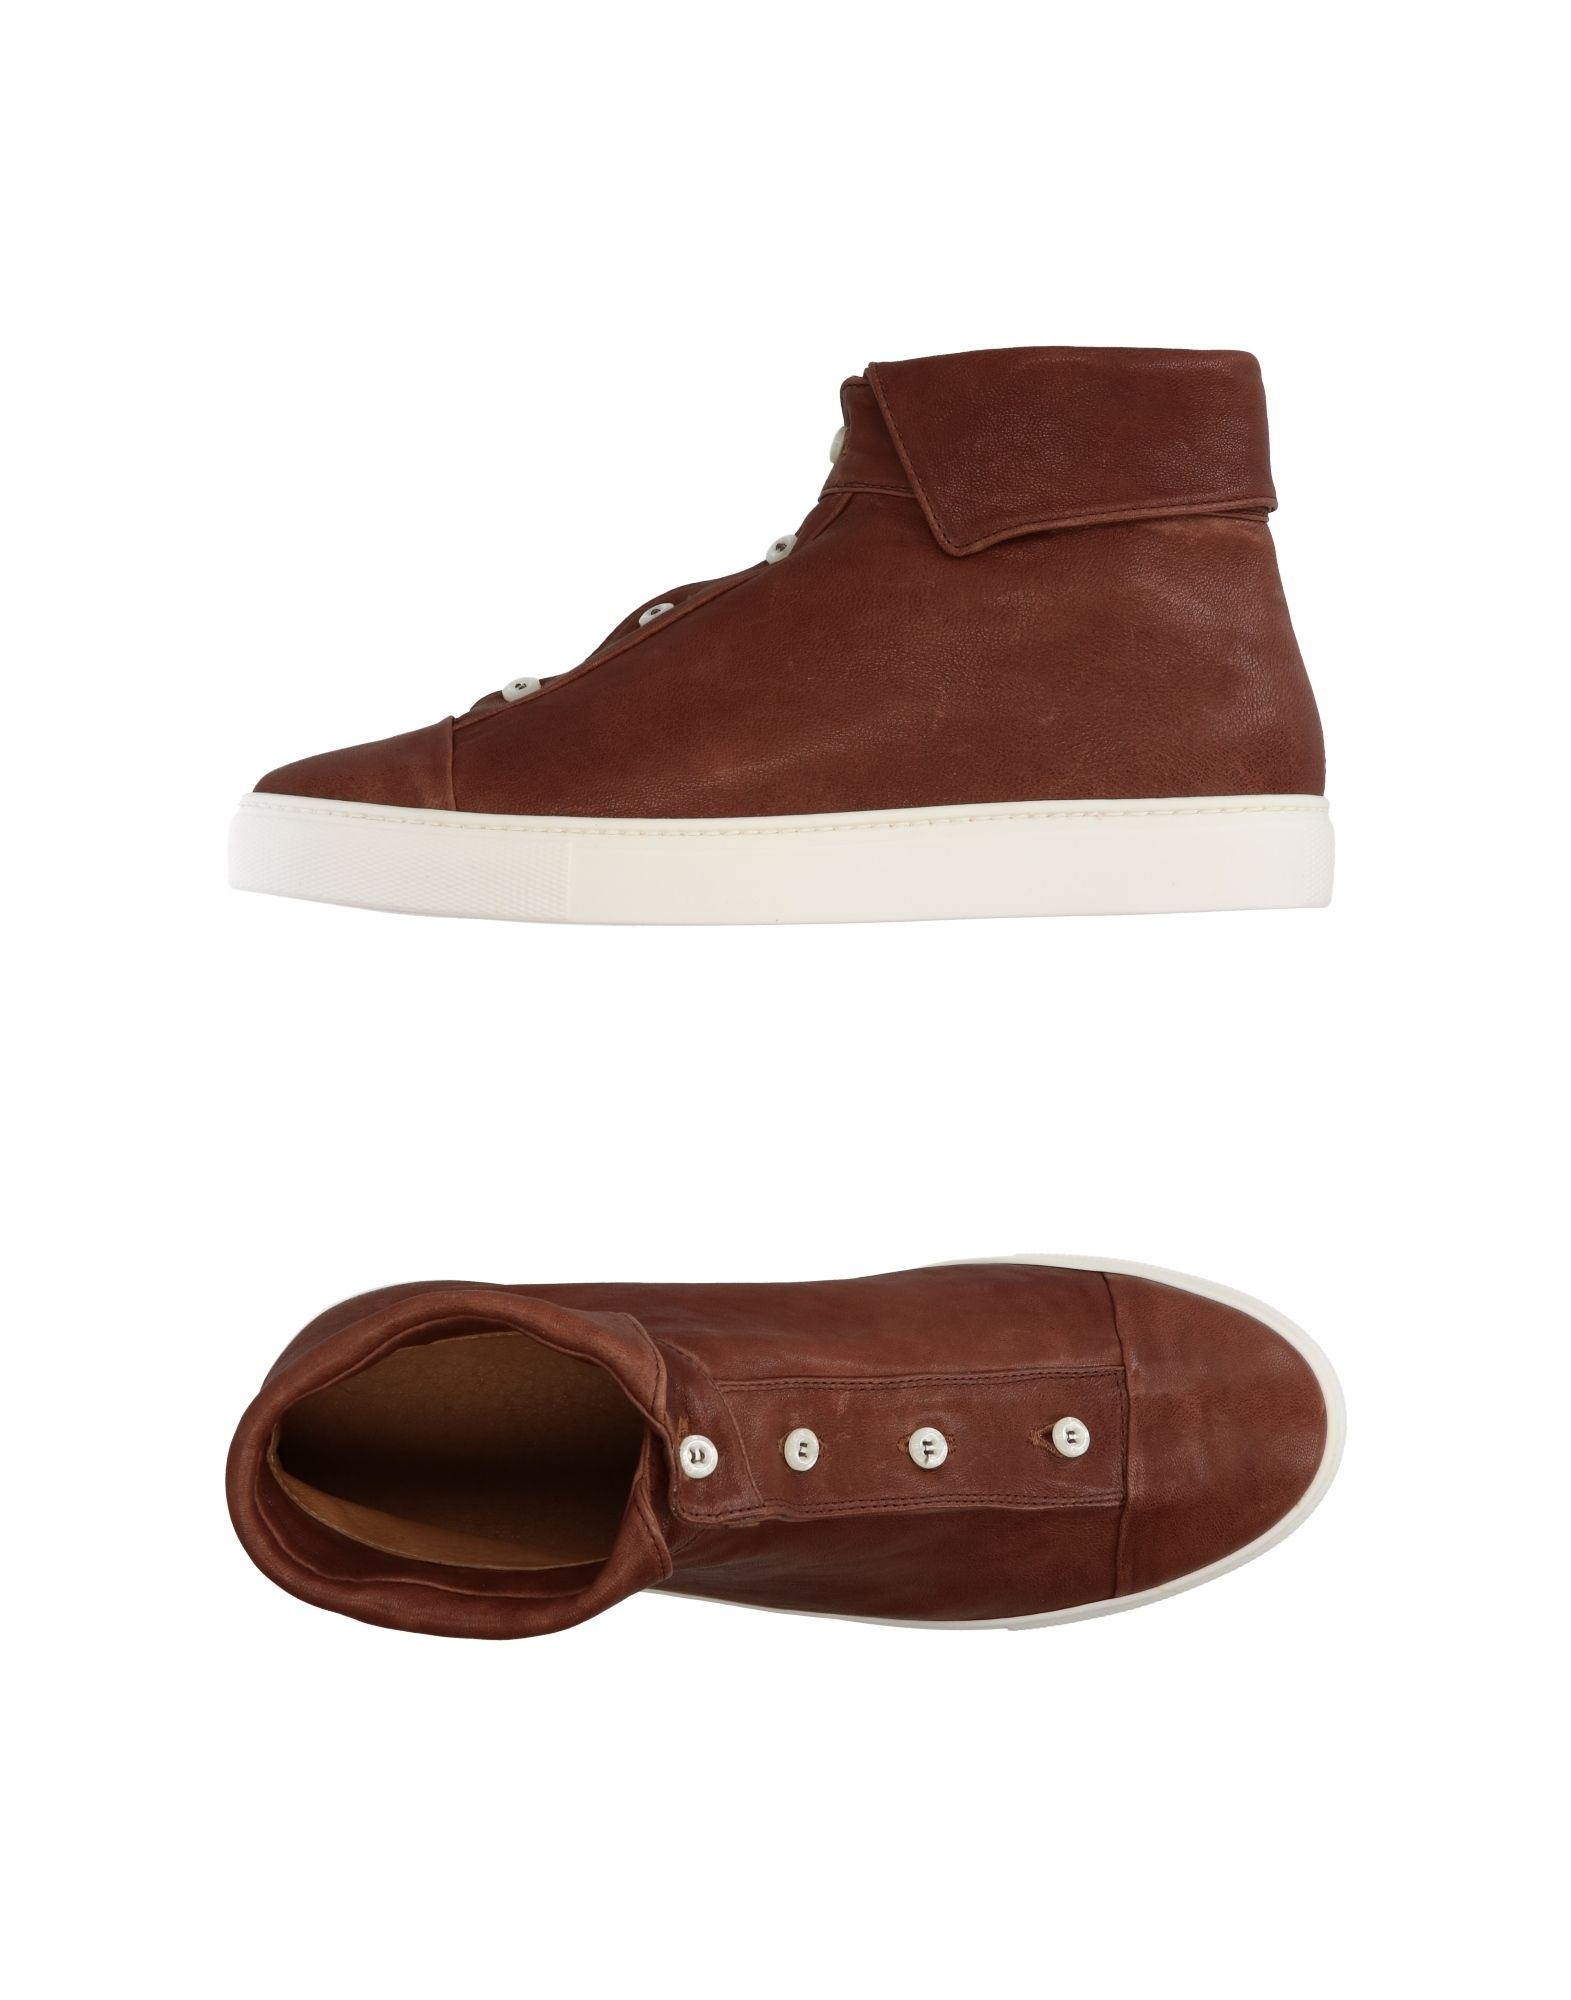 Scarpe economiche e resistenti Sneakers Sciuscert Uomo - 11259782UP